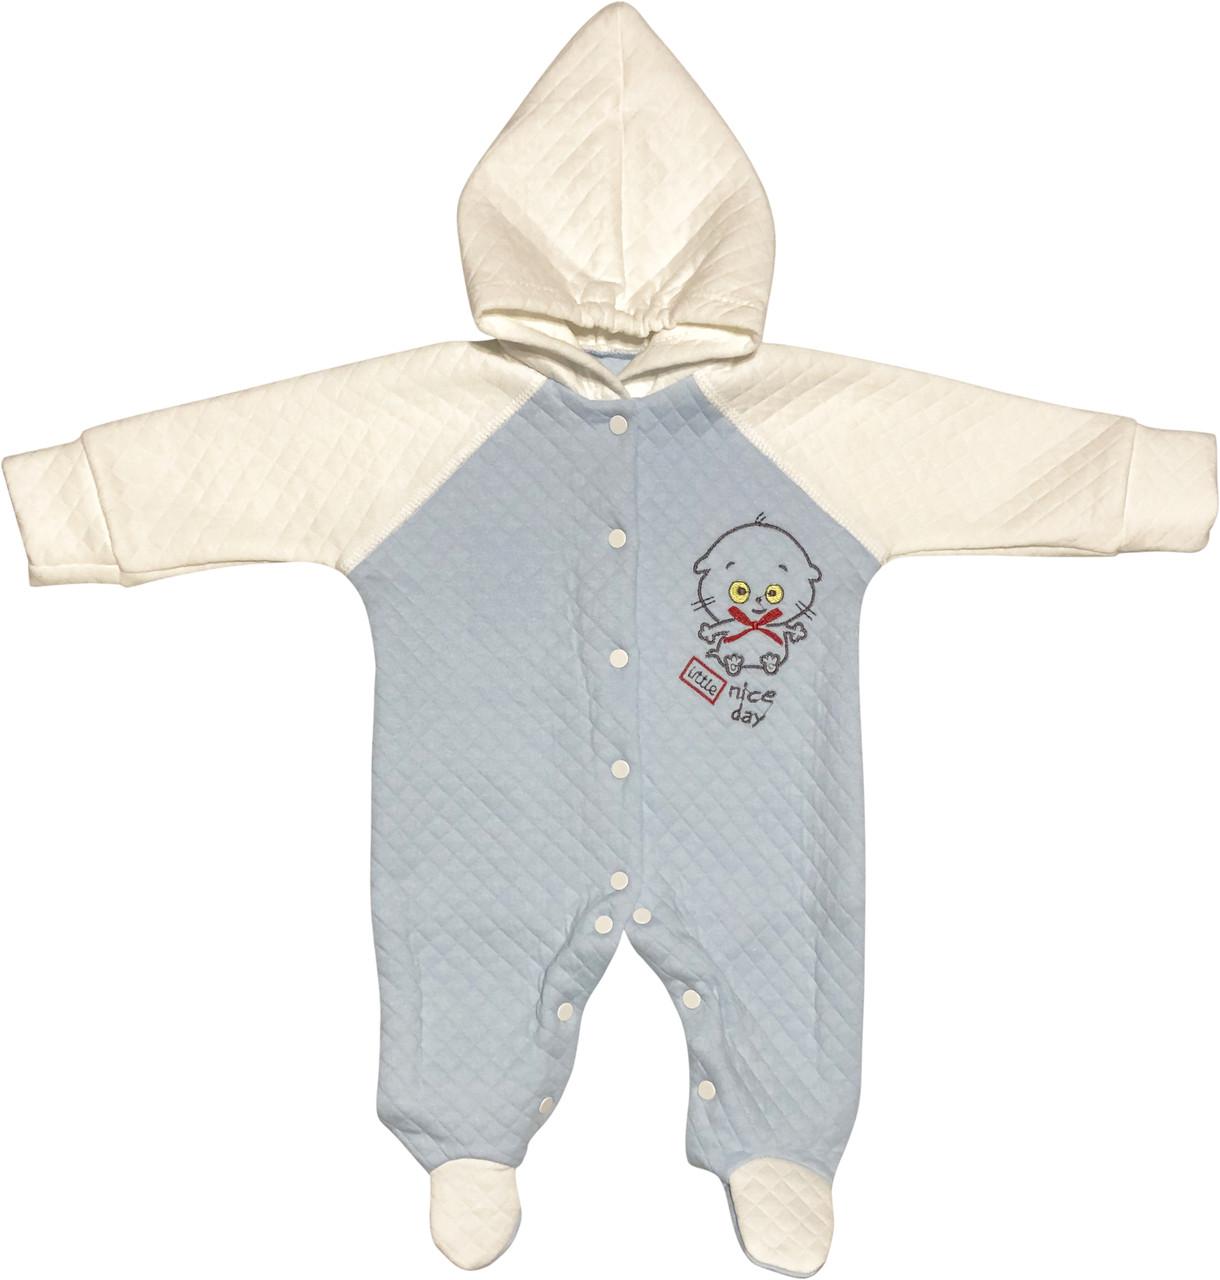 Дитячий чоловічок ріст 56 0-2 міс капітон блакитний на хлопчика сліп з капюшоном для новонароджених